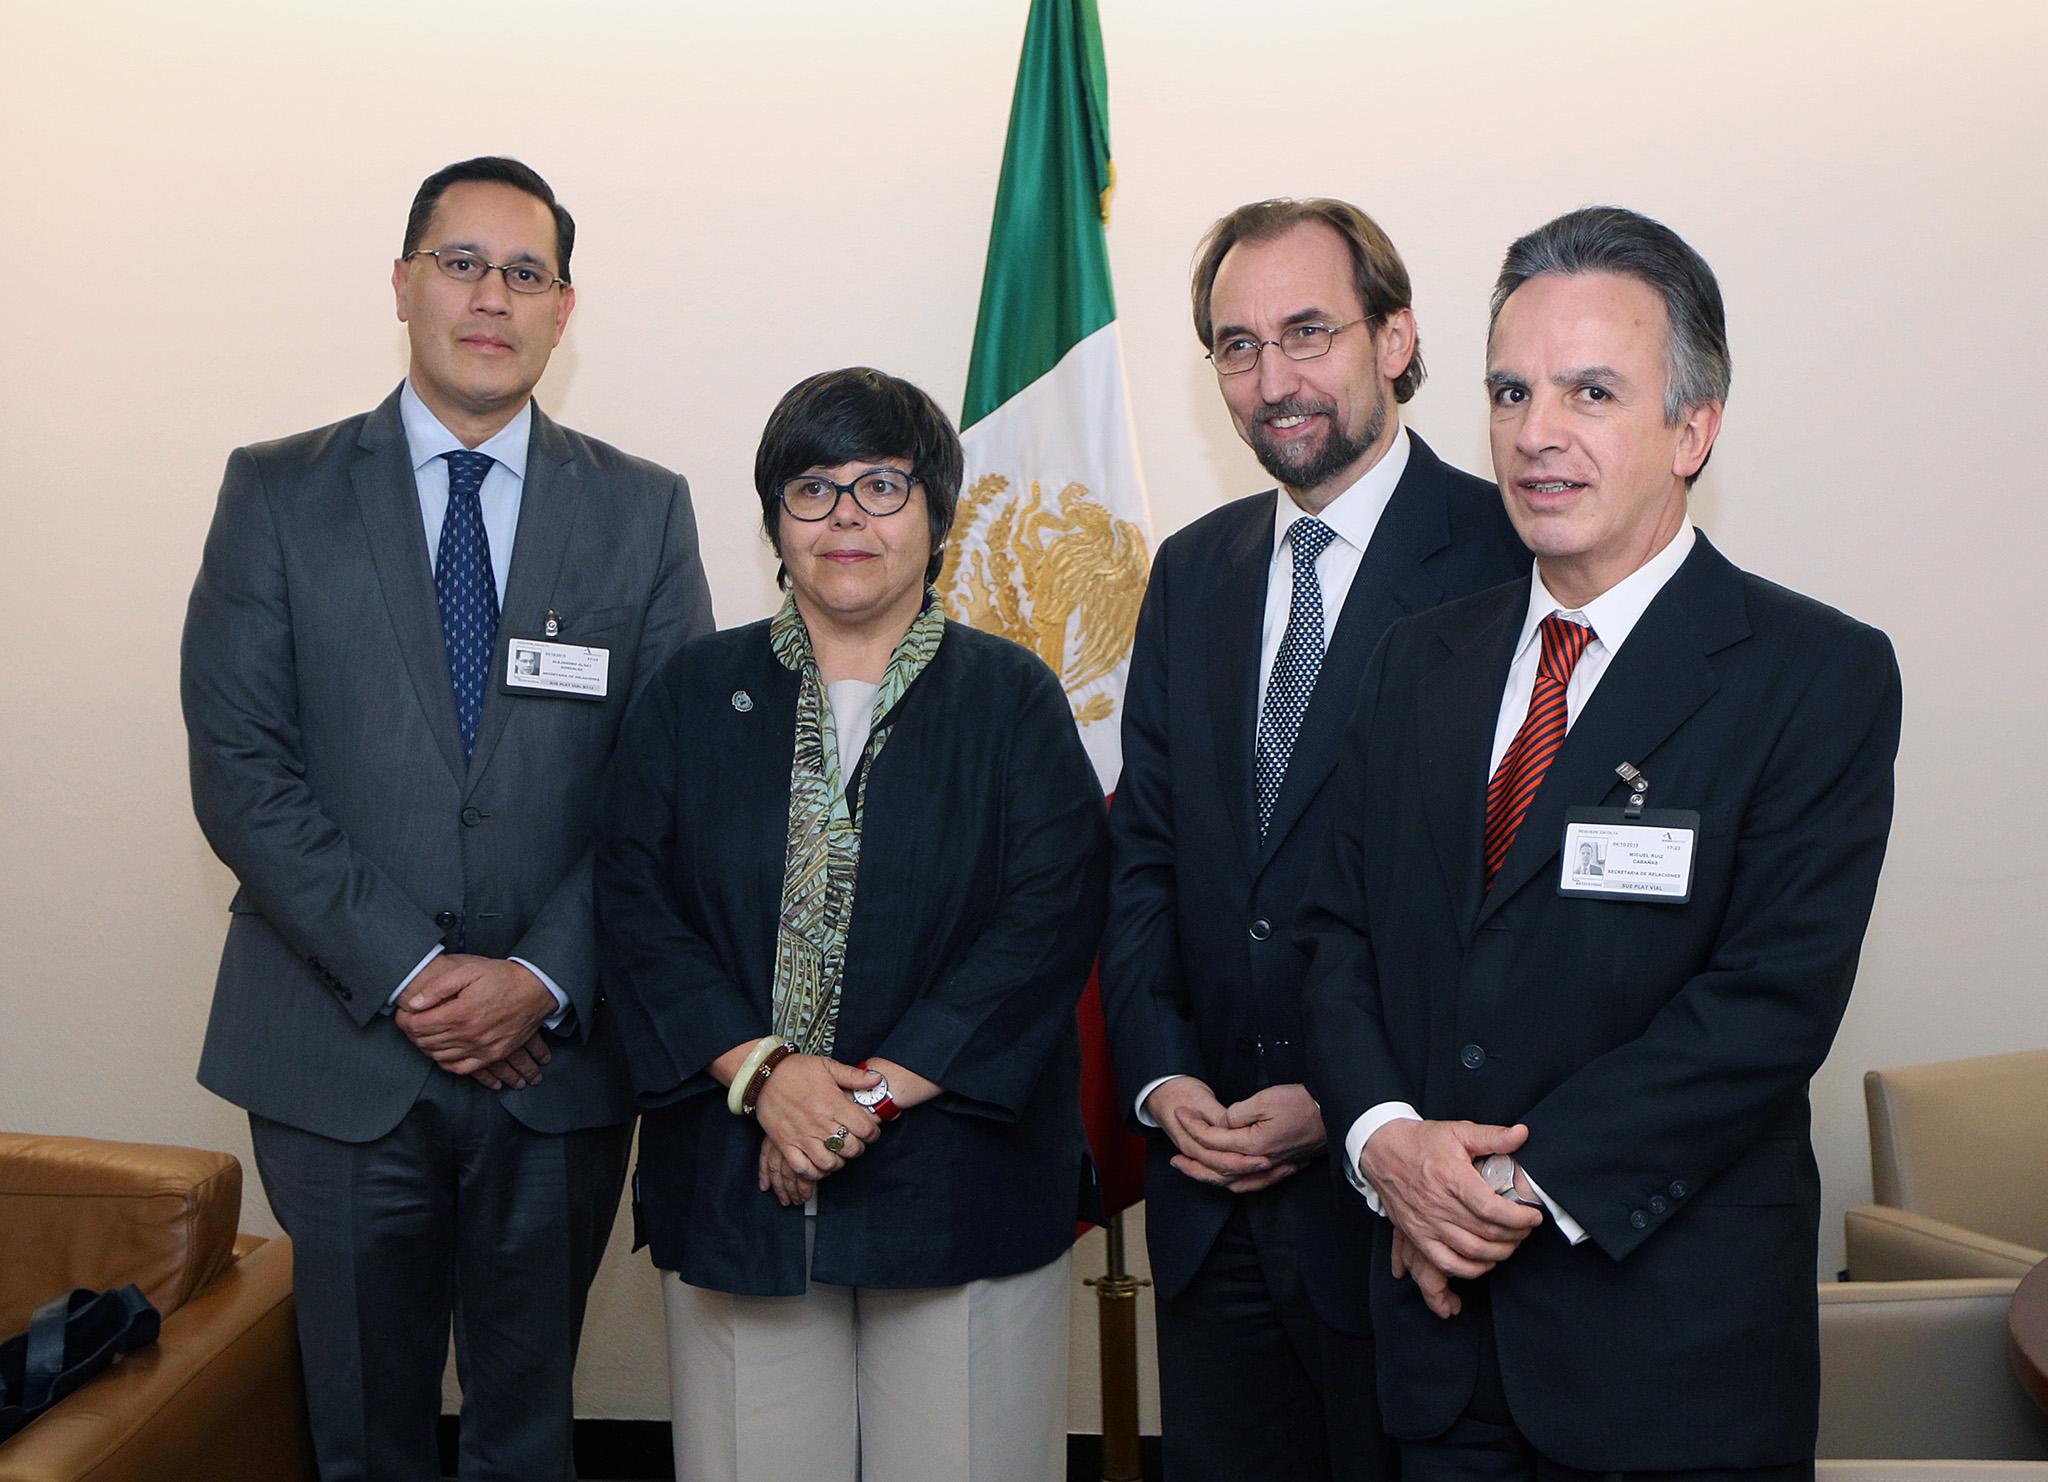 Llegada a México del Alto Comisoonado de las Naciones Unidas para los Derechos Humanos, Zeid Ra'ad Al Hussein.